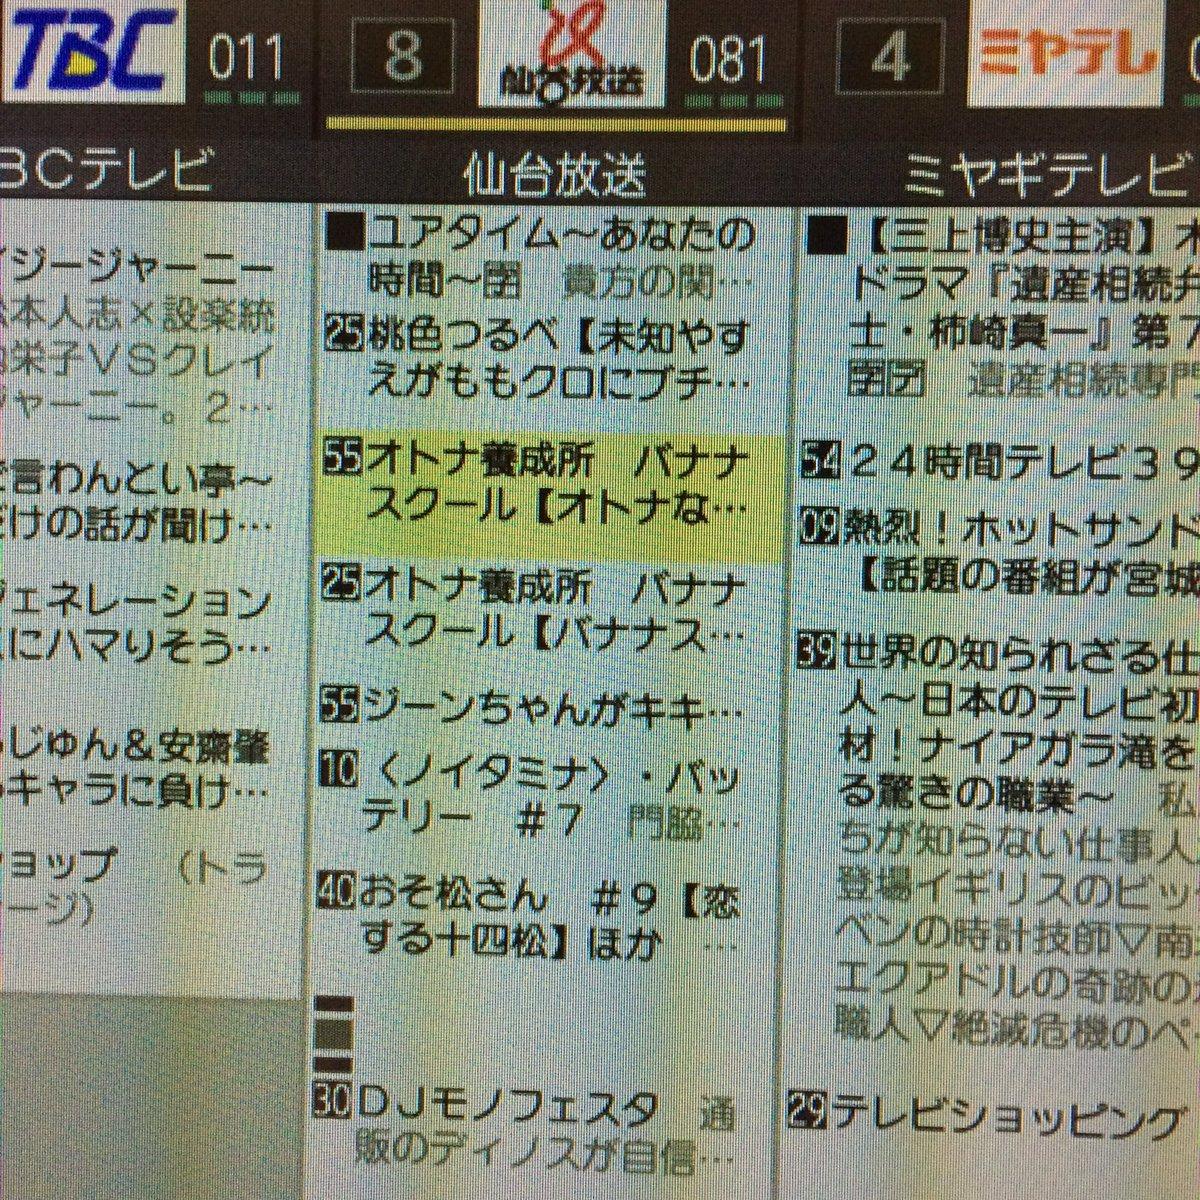 テレビ 番組 表 仙台